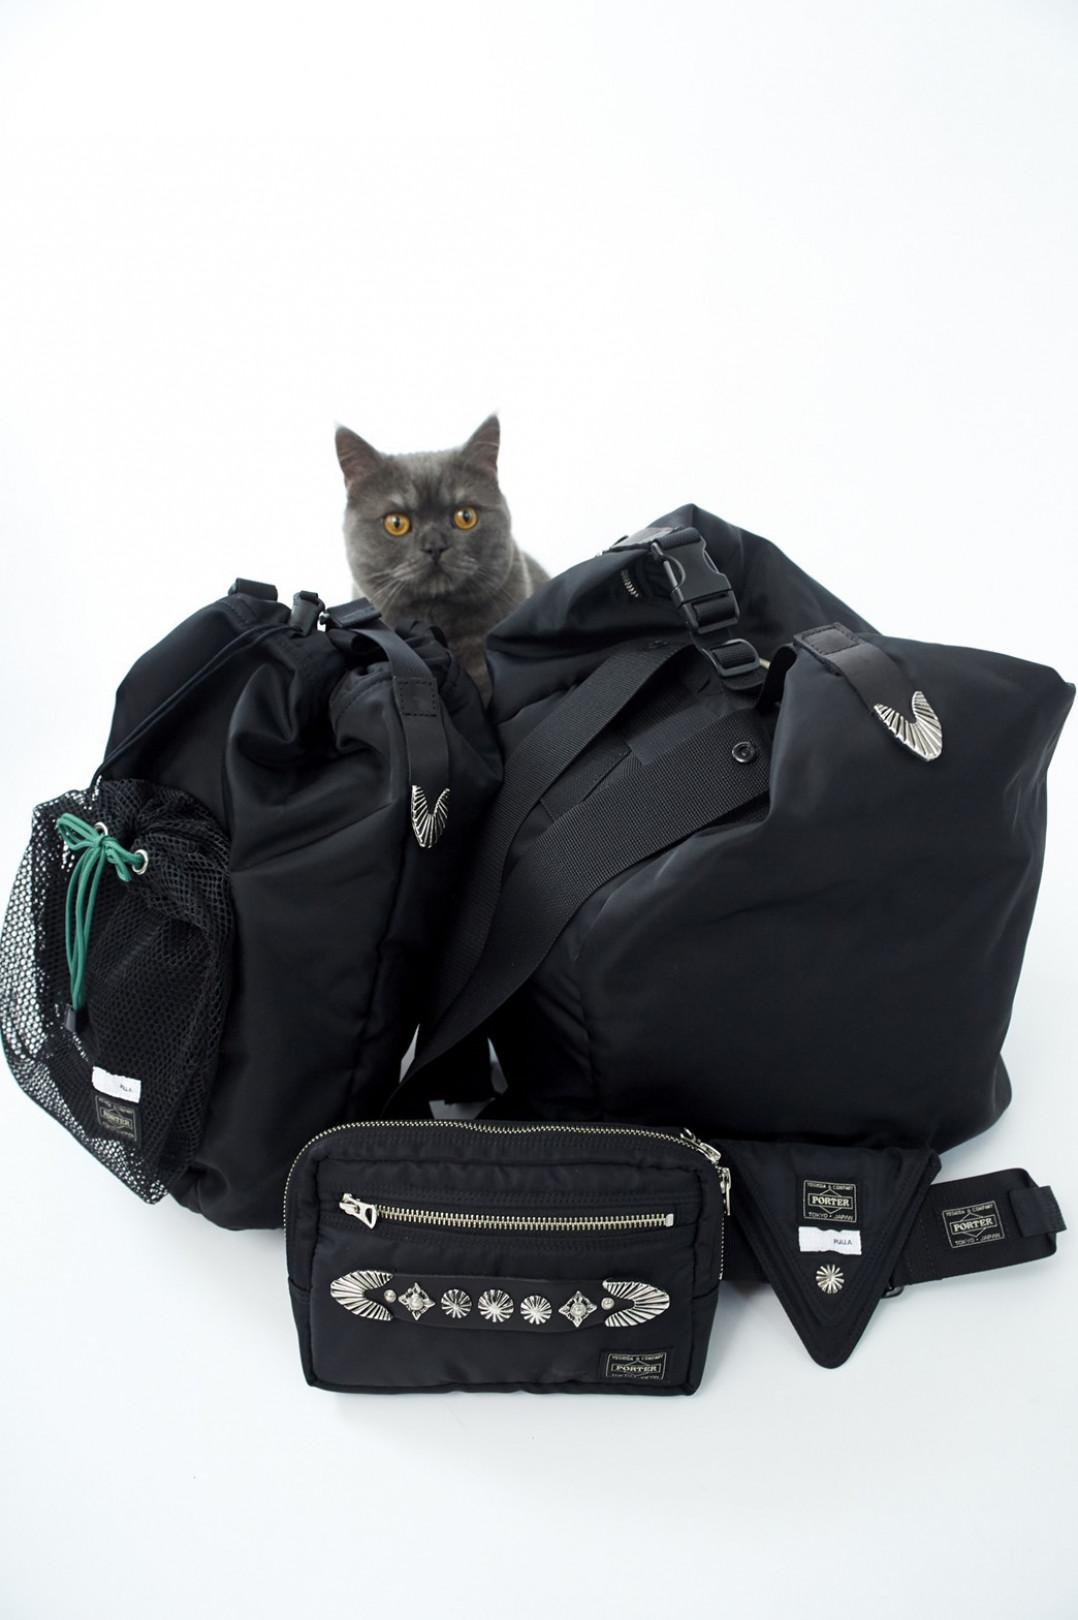 トーガ プルラ とポーターのコラボレーションバッグ